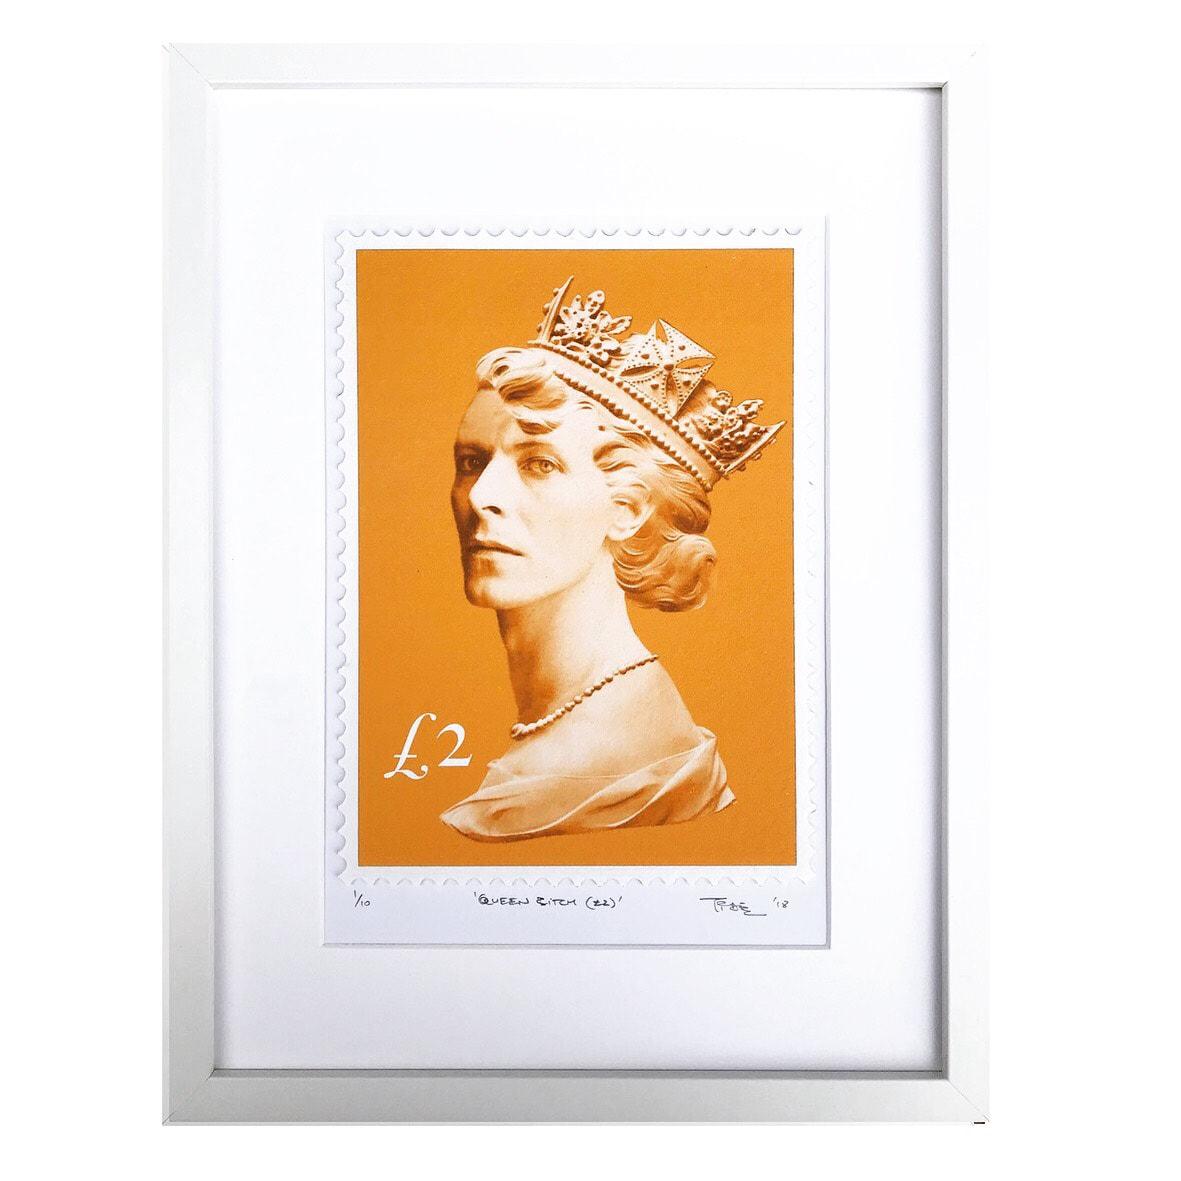 Queen Bitch (David Bowie)